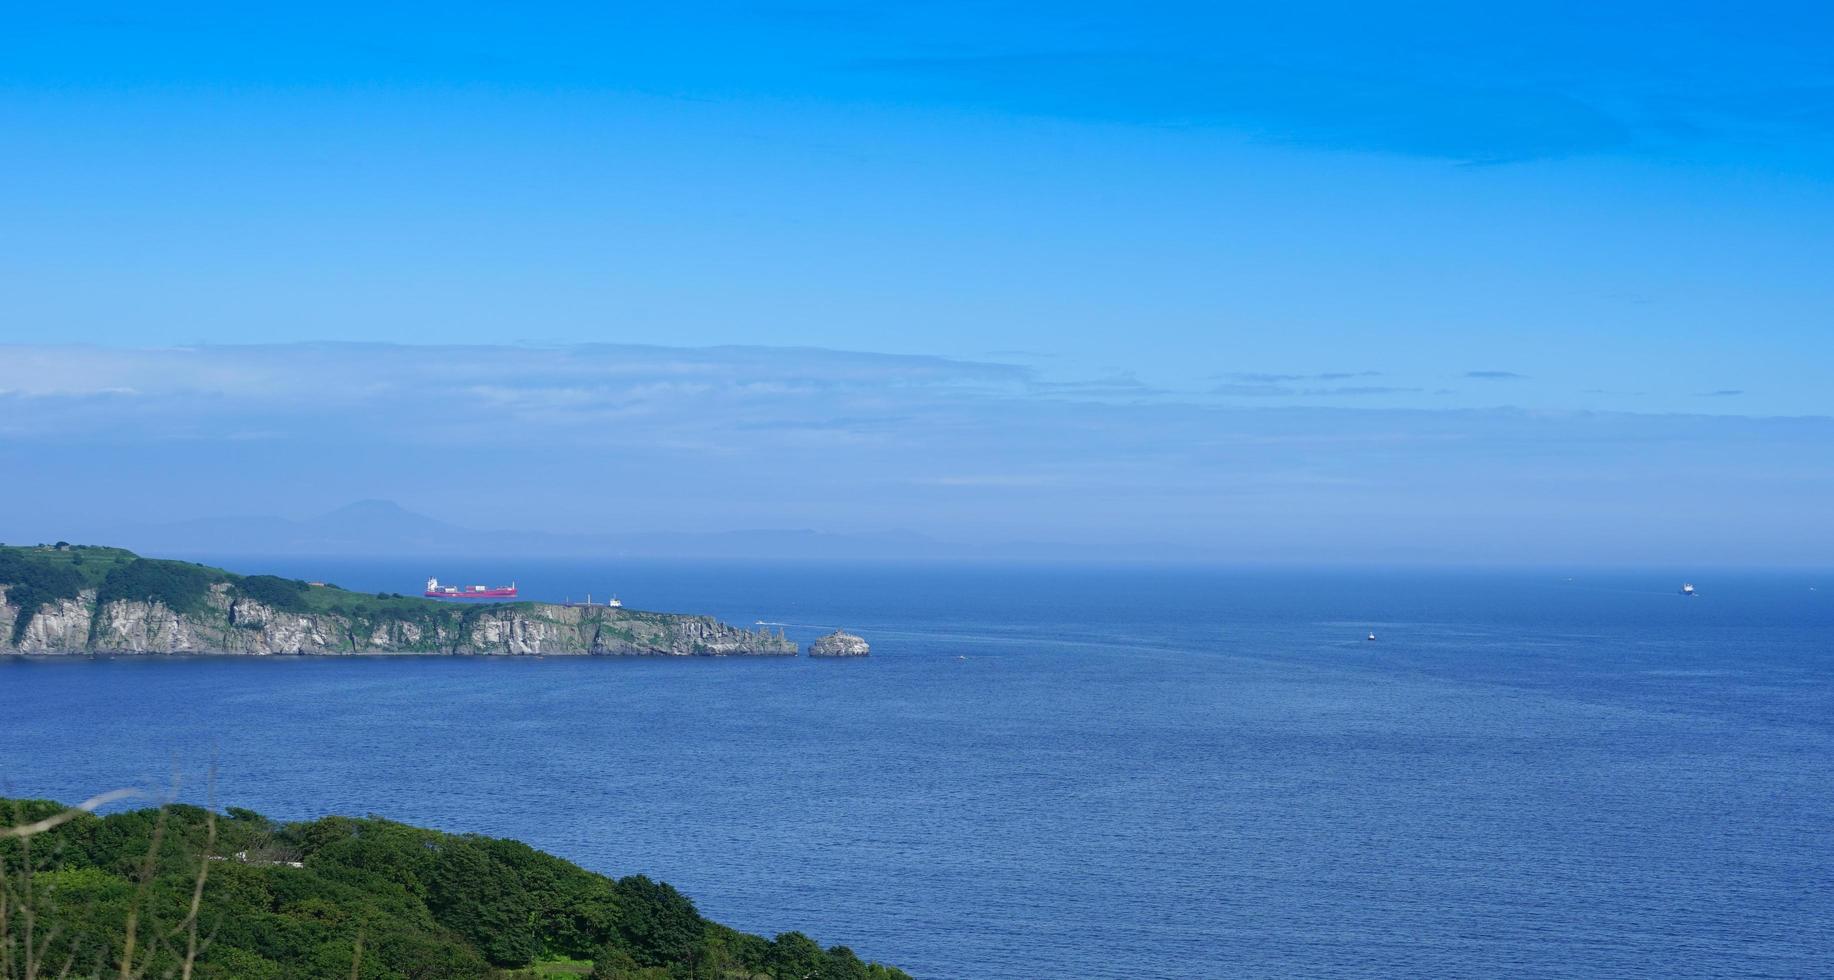 Seelandschaft mit Blick auf den östlichen Bosporus foto